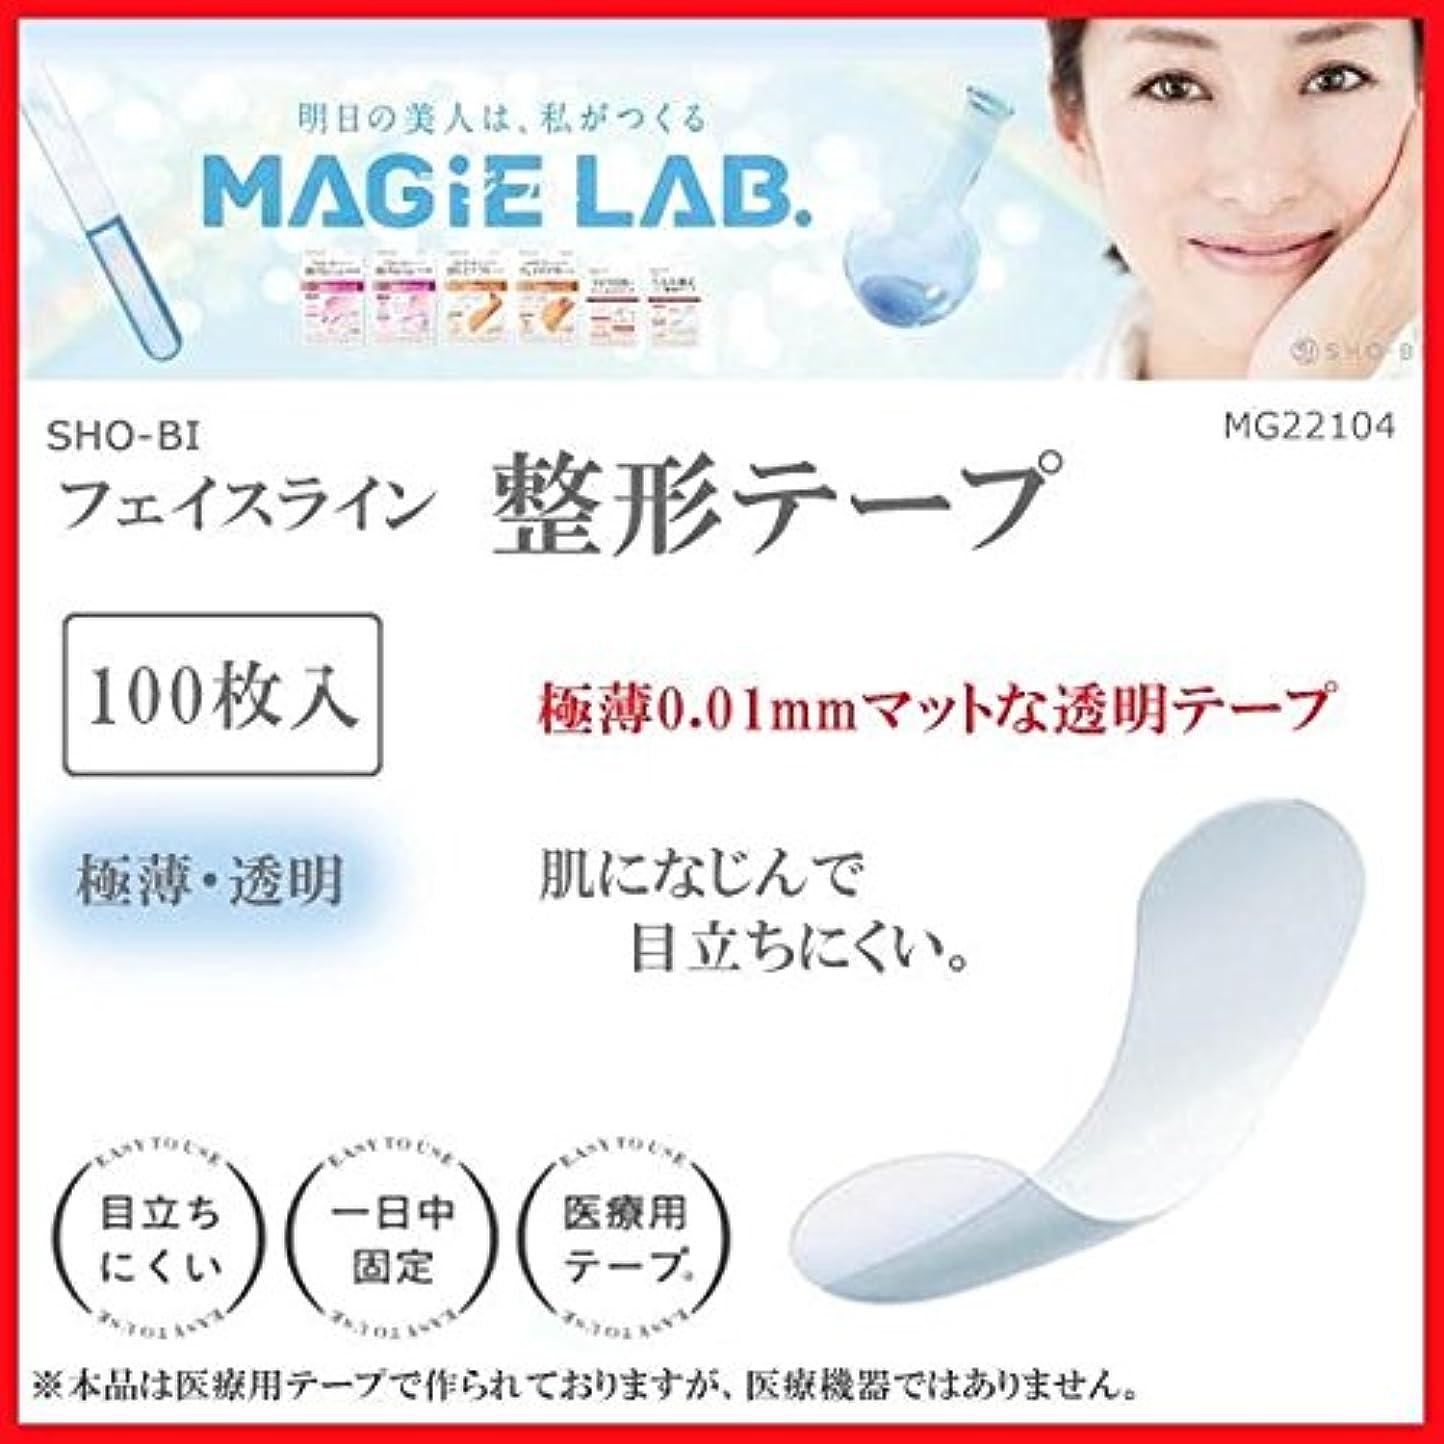 信者成熟前提条件SHO-BI MAGiE LAB.(マジラボ) フェイスライン整形テープ 100枚入 MG22104